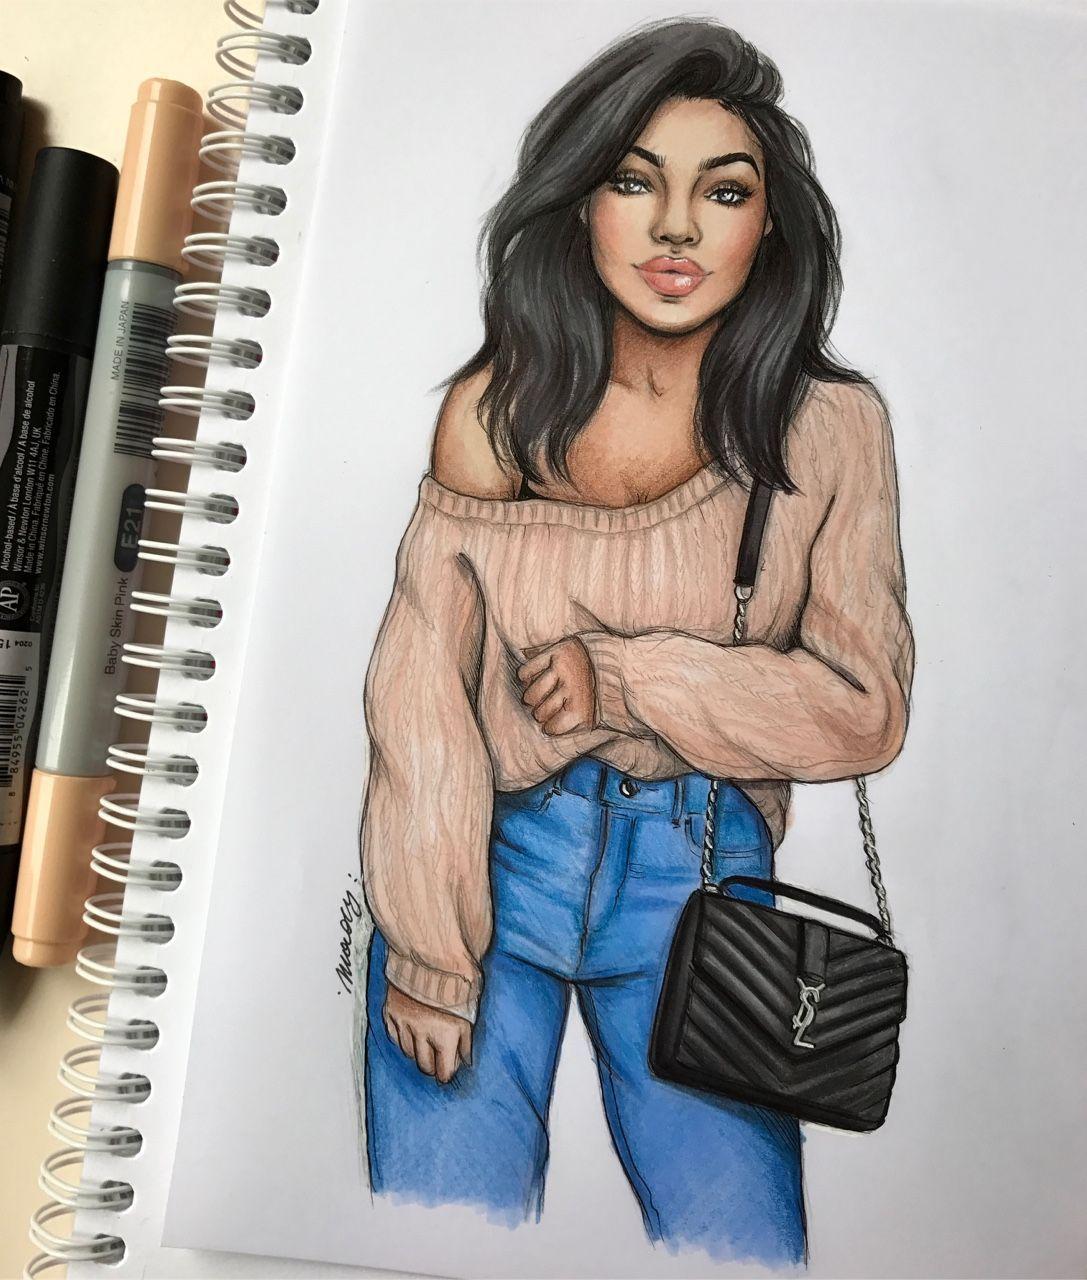 Epingle Par Sabeauty Sur Girl Drawing En 2020 Dessin Vetement